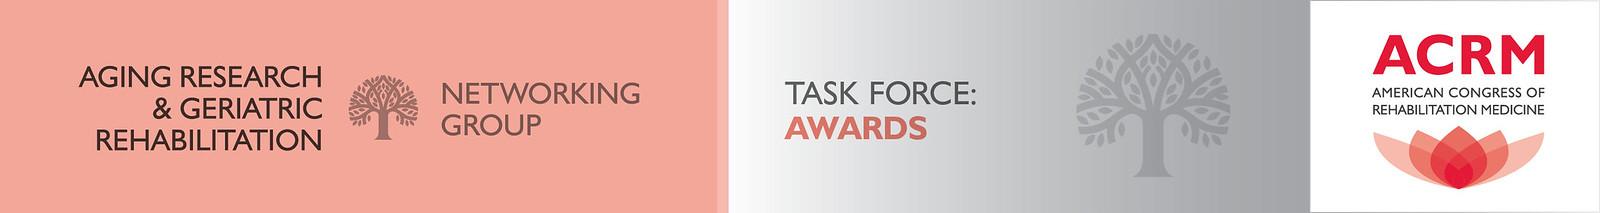 ARGR Awards Task Force header